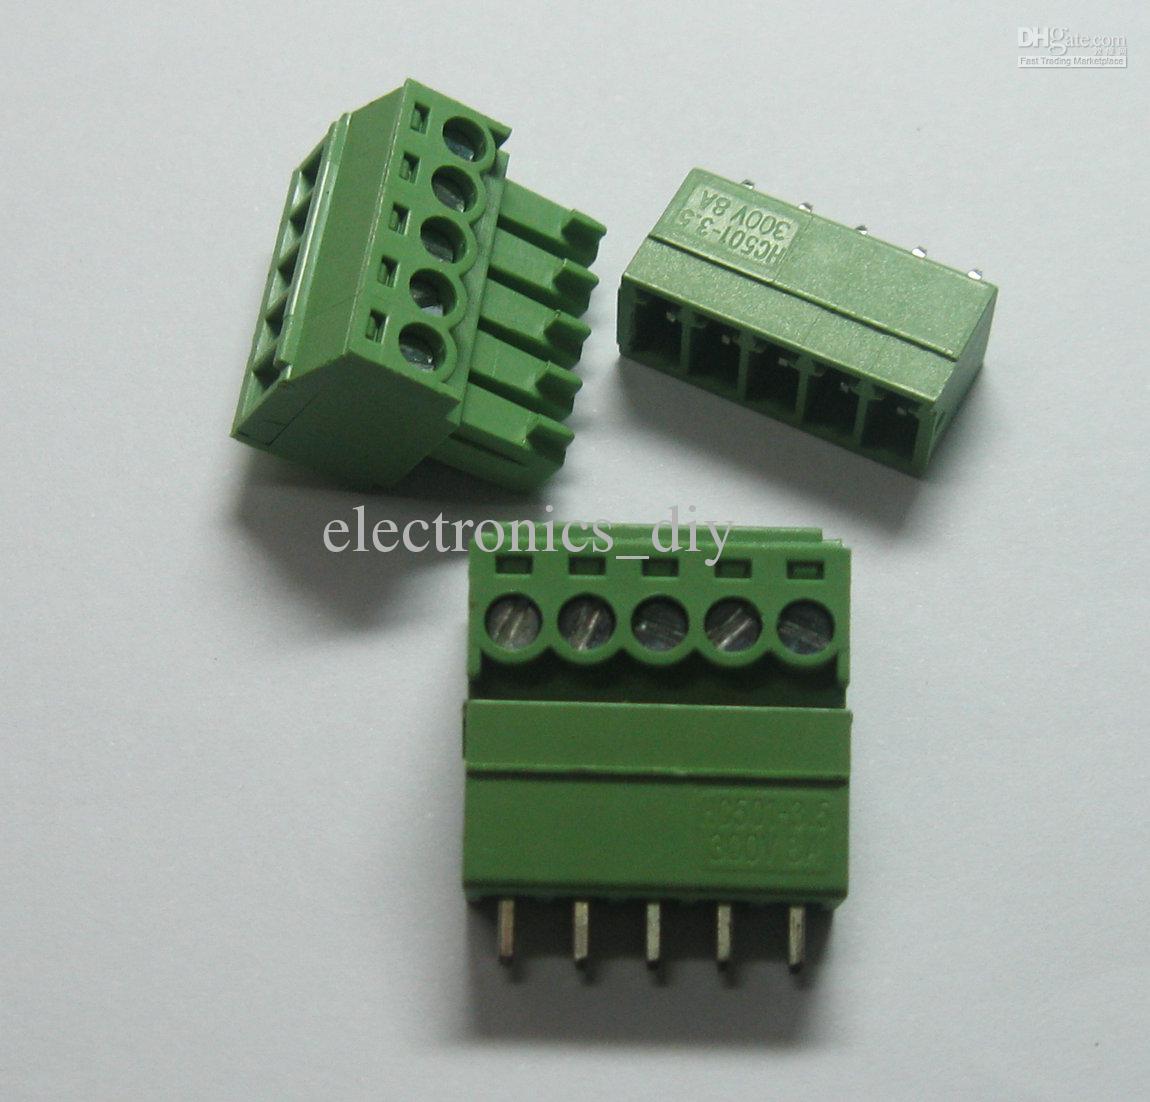 20 piezas 5pin / way Pitch 3.5mm Tornillo Bloque de terminales Conector Color verde Tipo T con pin